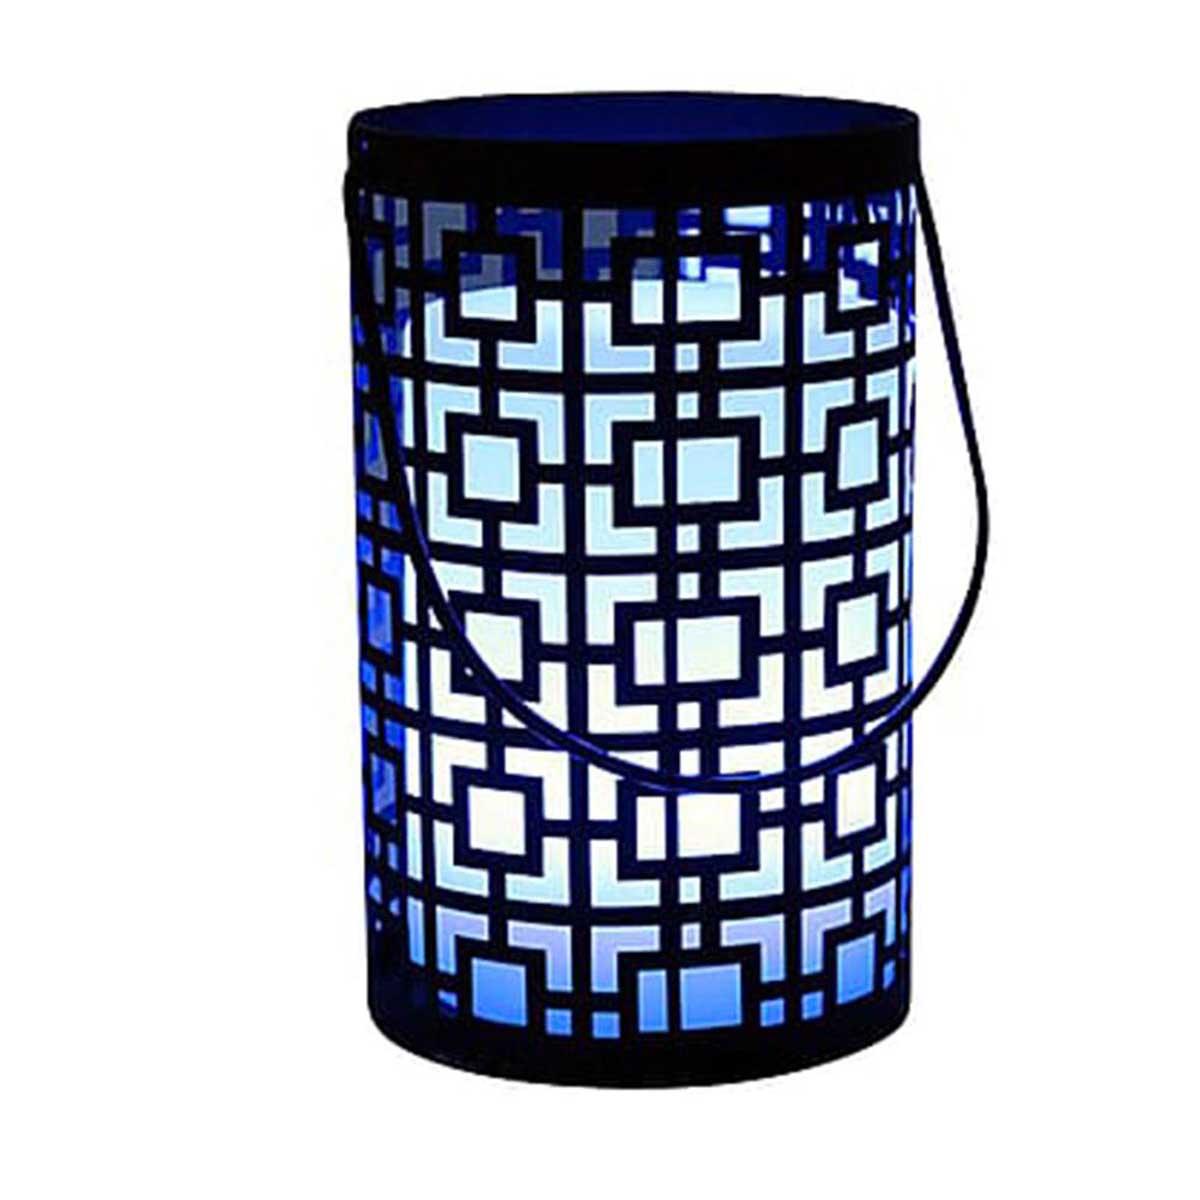 JOY C20-Lanterne sans fil orientale acier noir H23cm